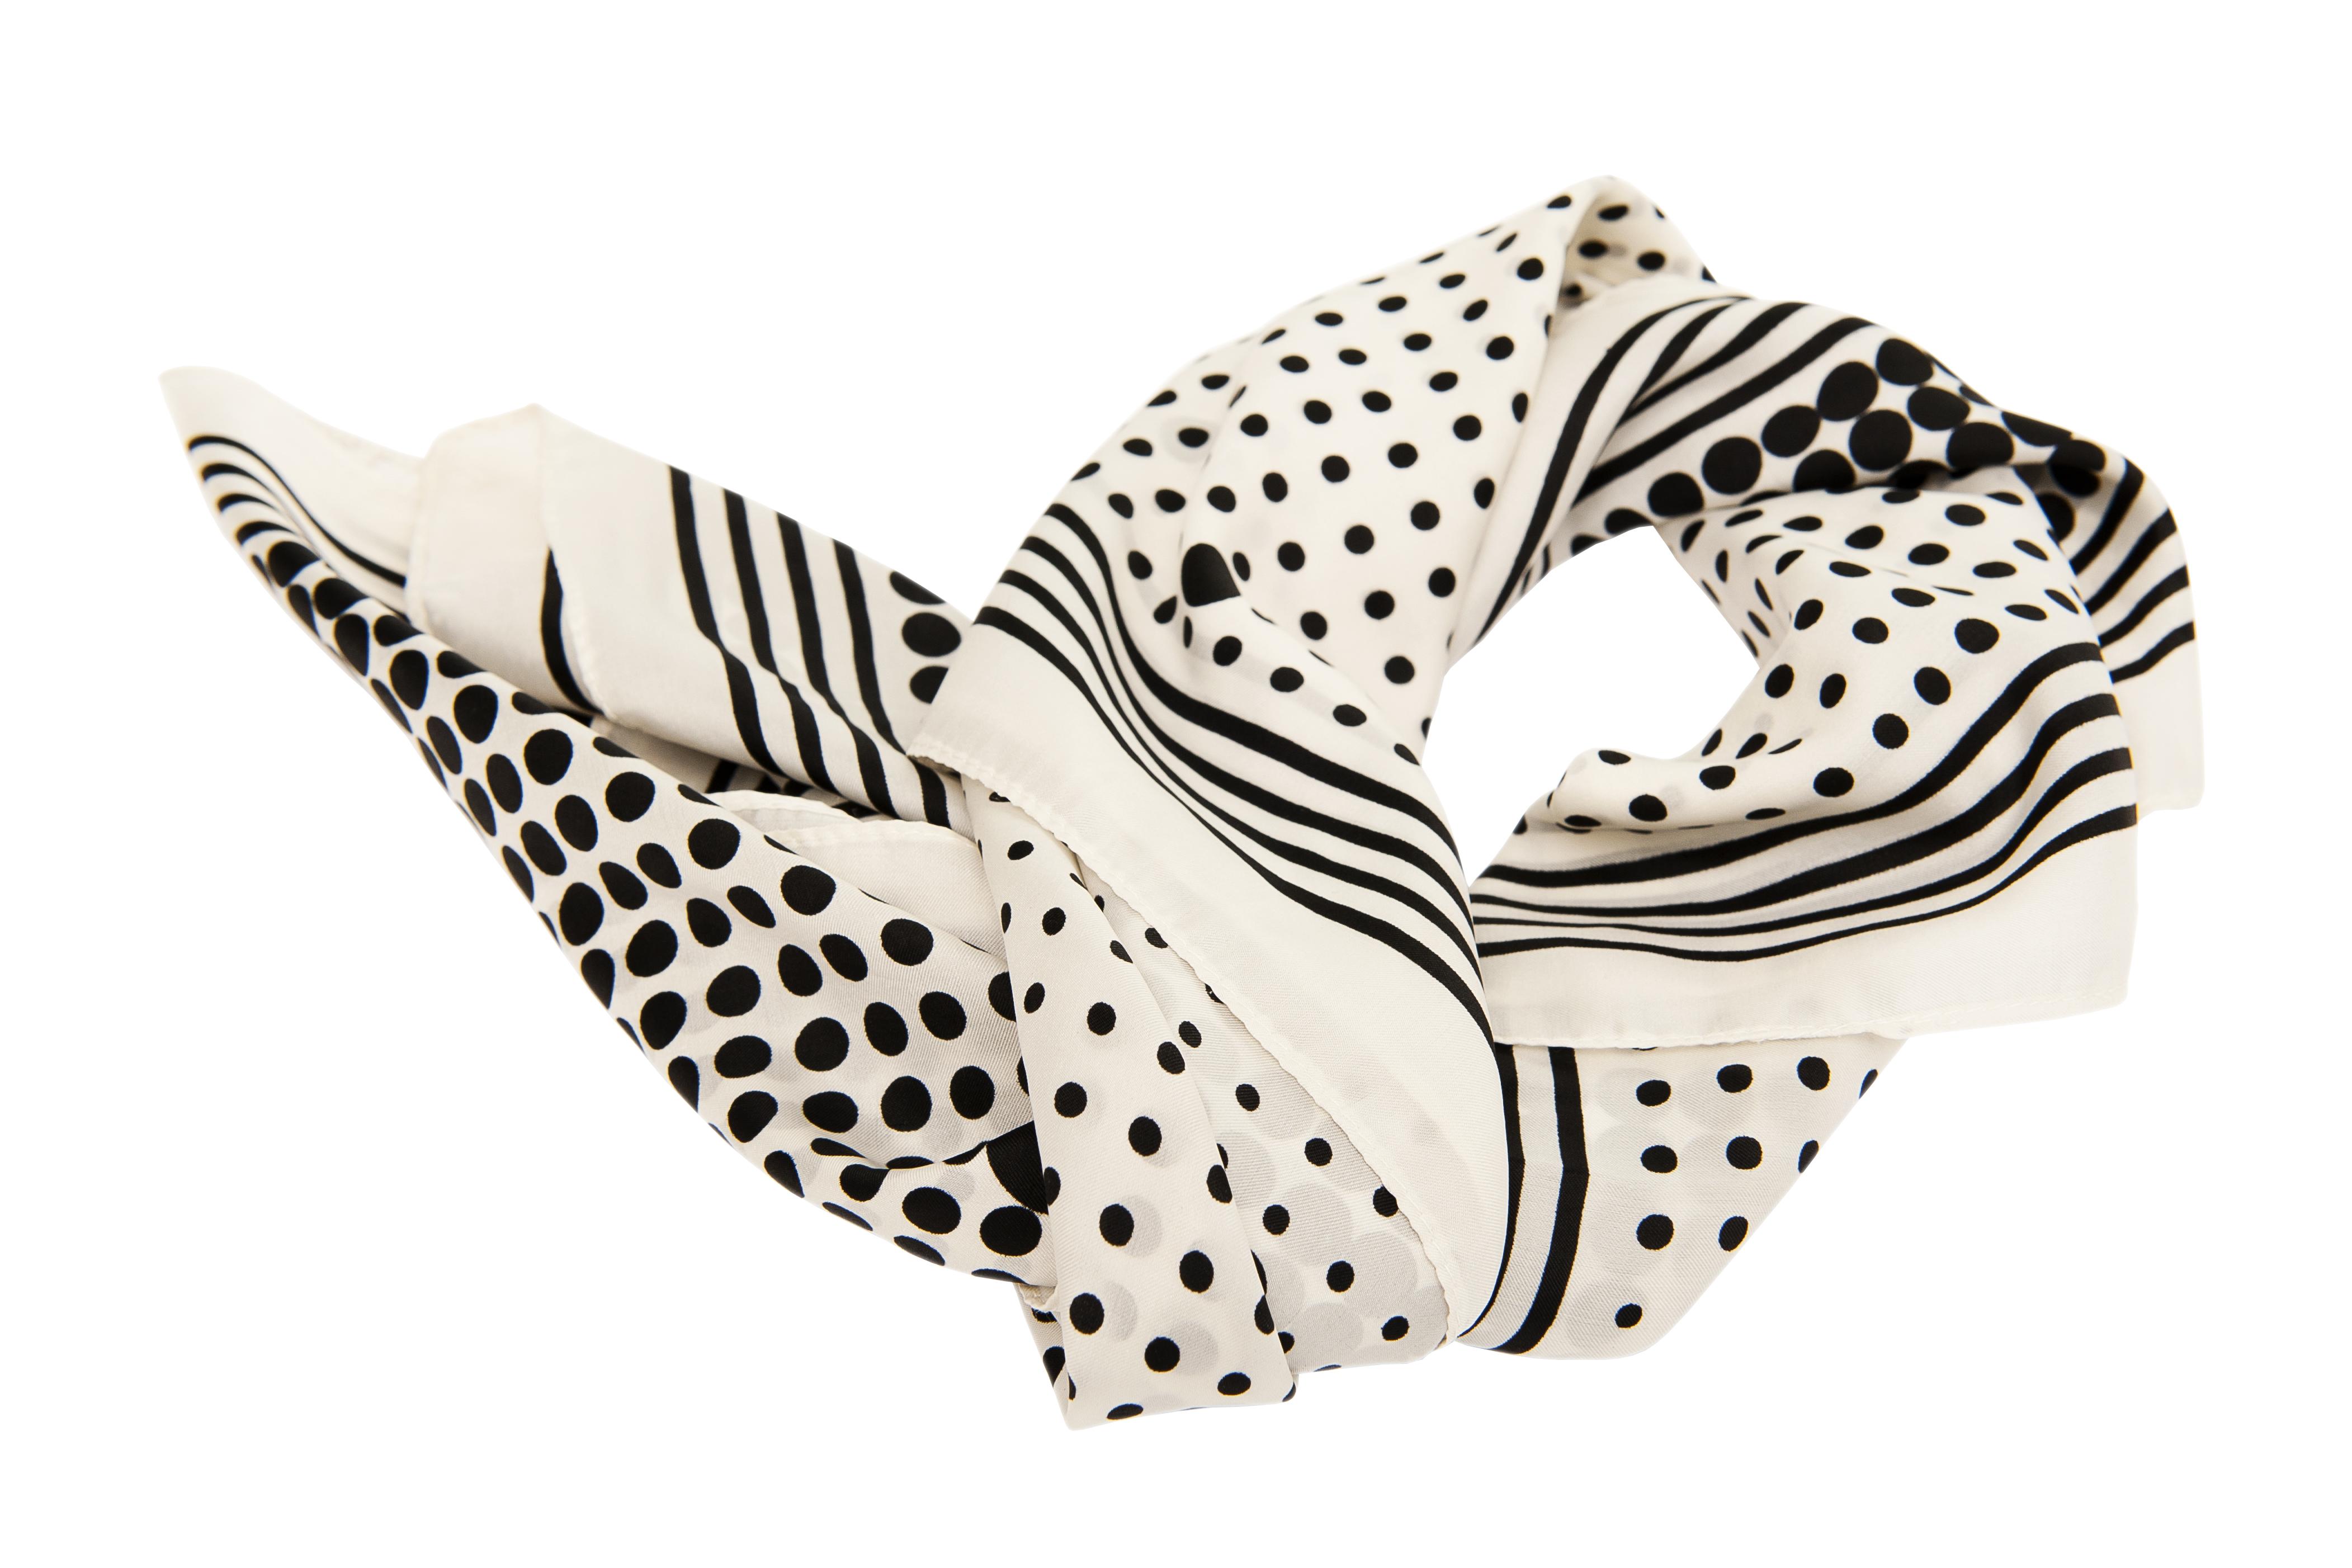 <p>Копринен шал</p>  <p>Подобен подарък може да е основен или допълнение за вашата майка. Повечето жени харесват красивите и качествени шалове, които служат по-скоро като аксесоар, отколкото като средство за справяне с лошото време. Ако подарявате подобен подарък, изберете да е в подходящи цветове за нейното облекло и да може спокойно да го използва като акцент за всеки тоалет.</p>